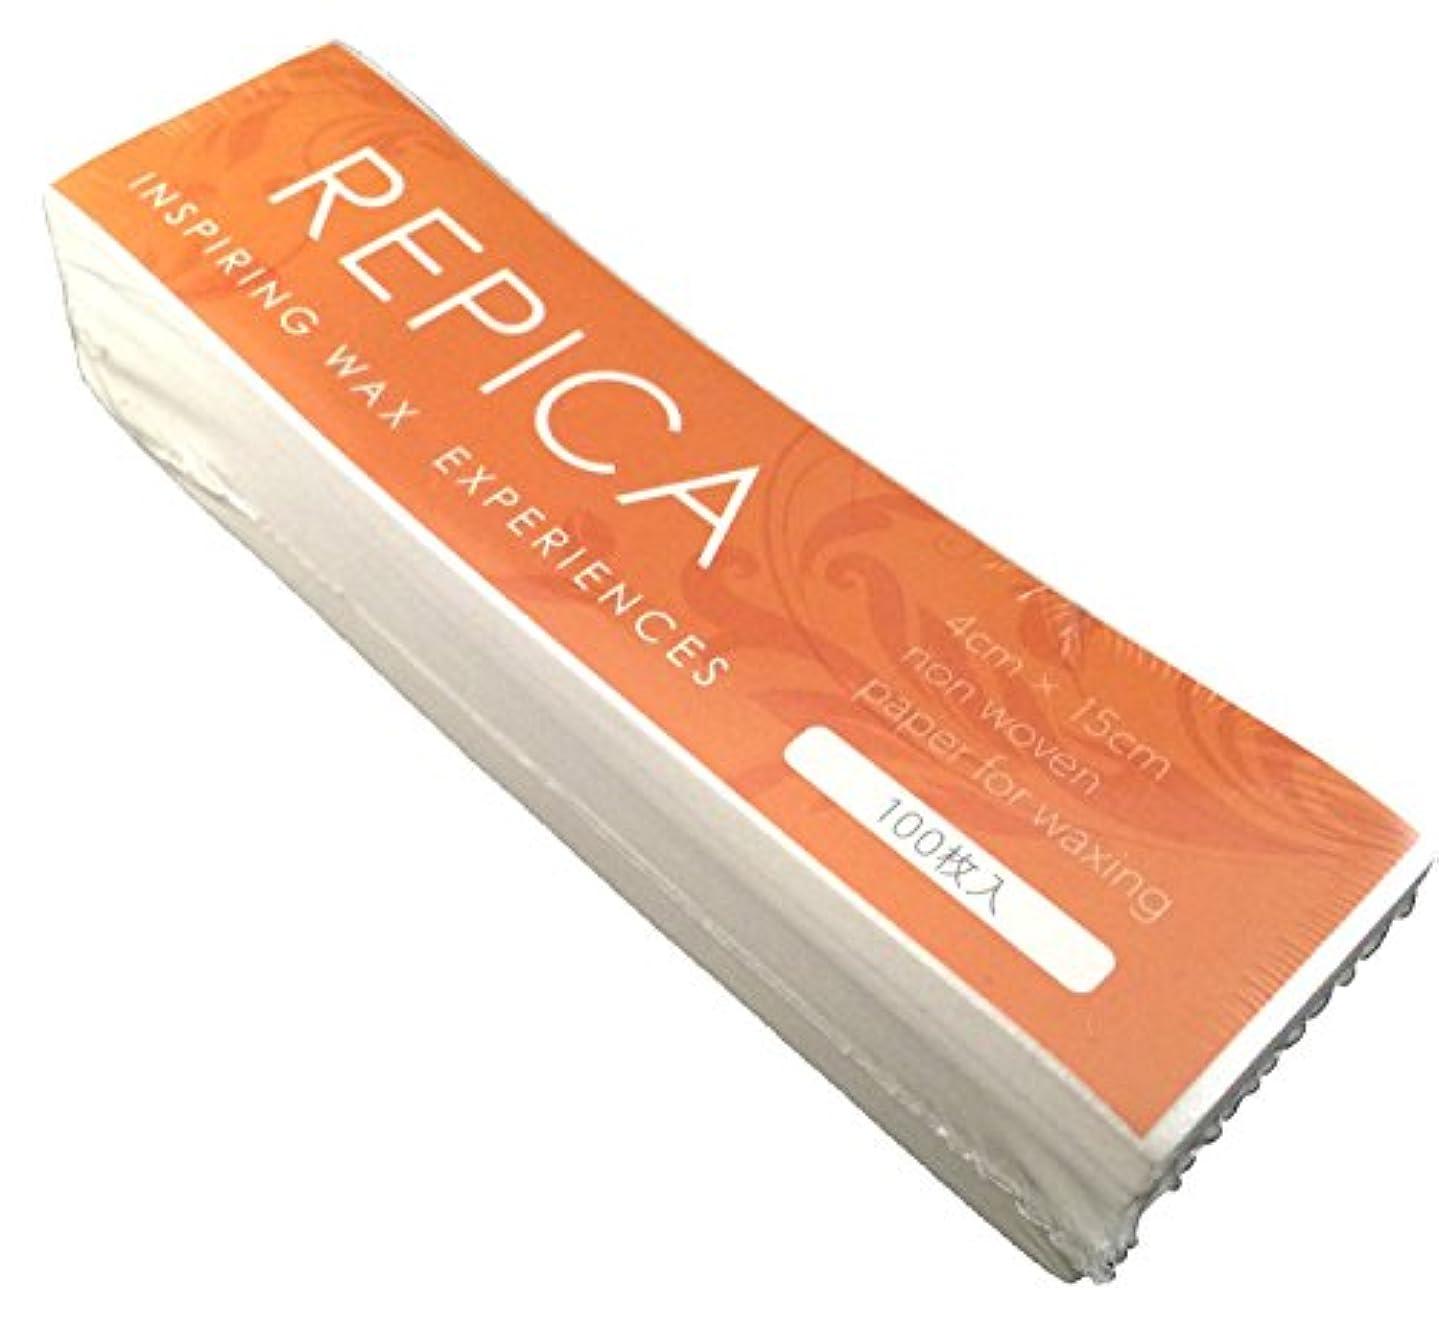 オークションアノイ奨学金REPICA ブラジリアンワックス脱毛 カットペーパー Sサイズ100枚入り×5個セット ワックス脱毛 ワックスシート ストリップシート